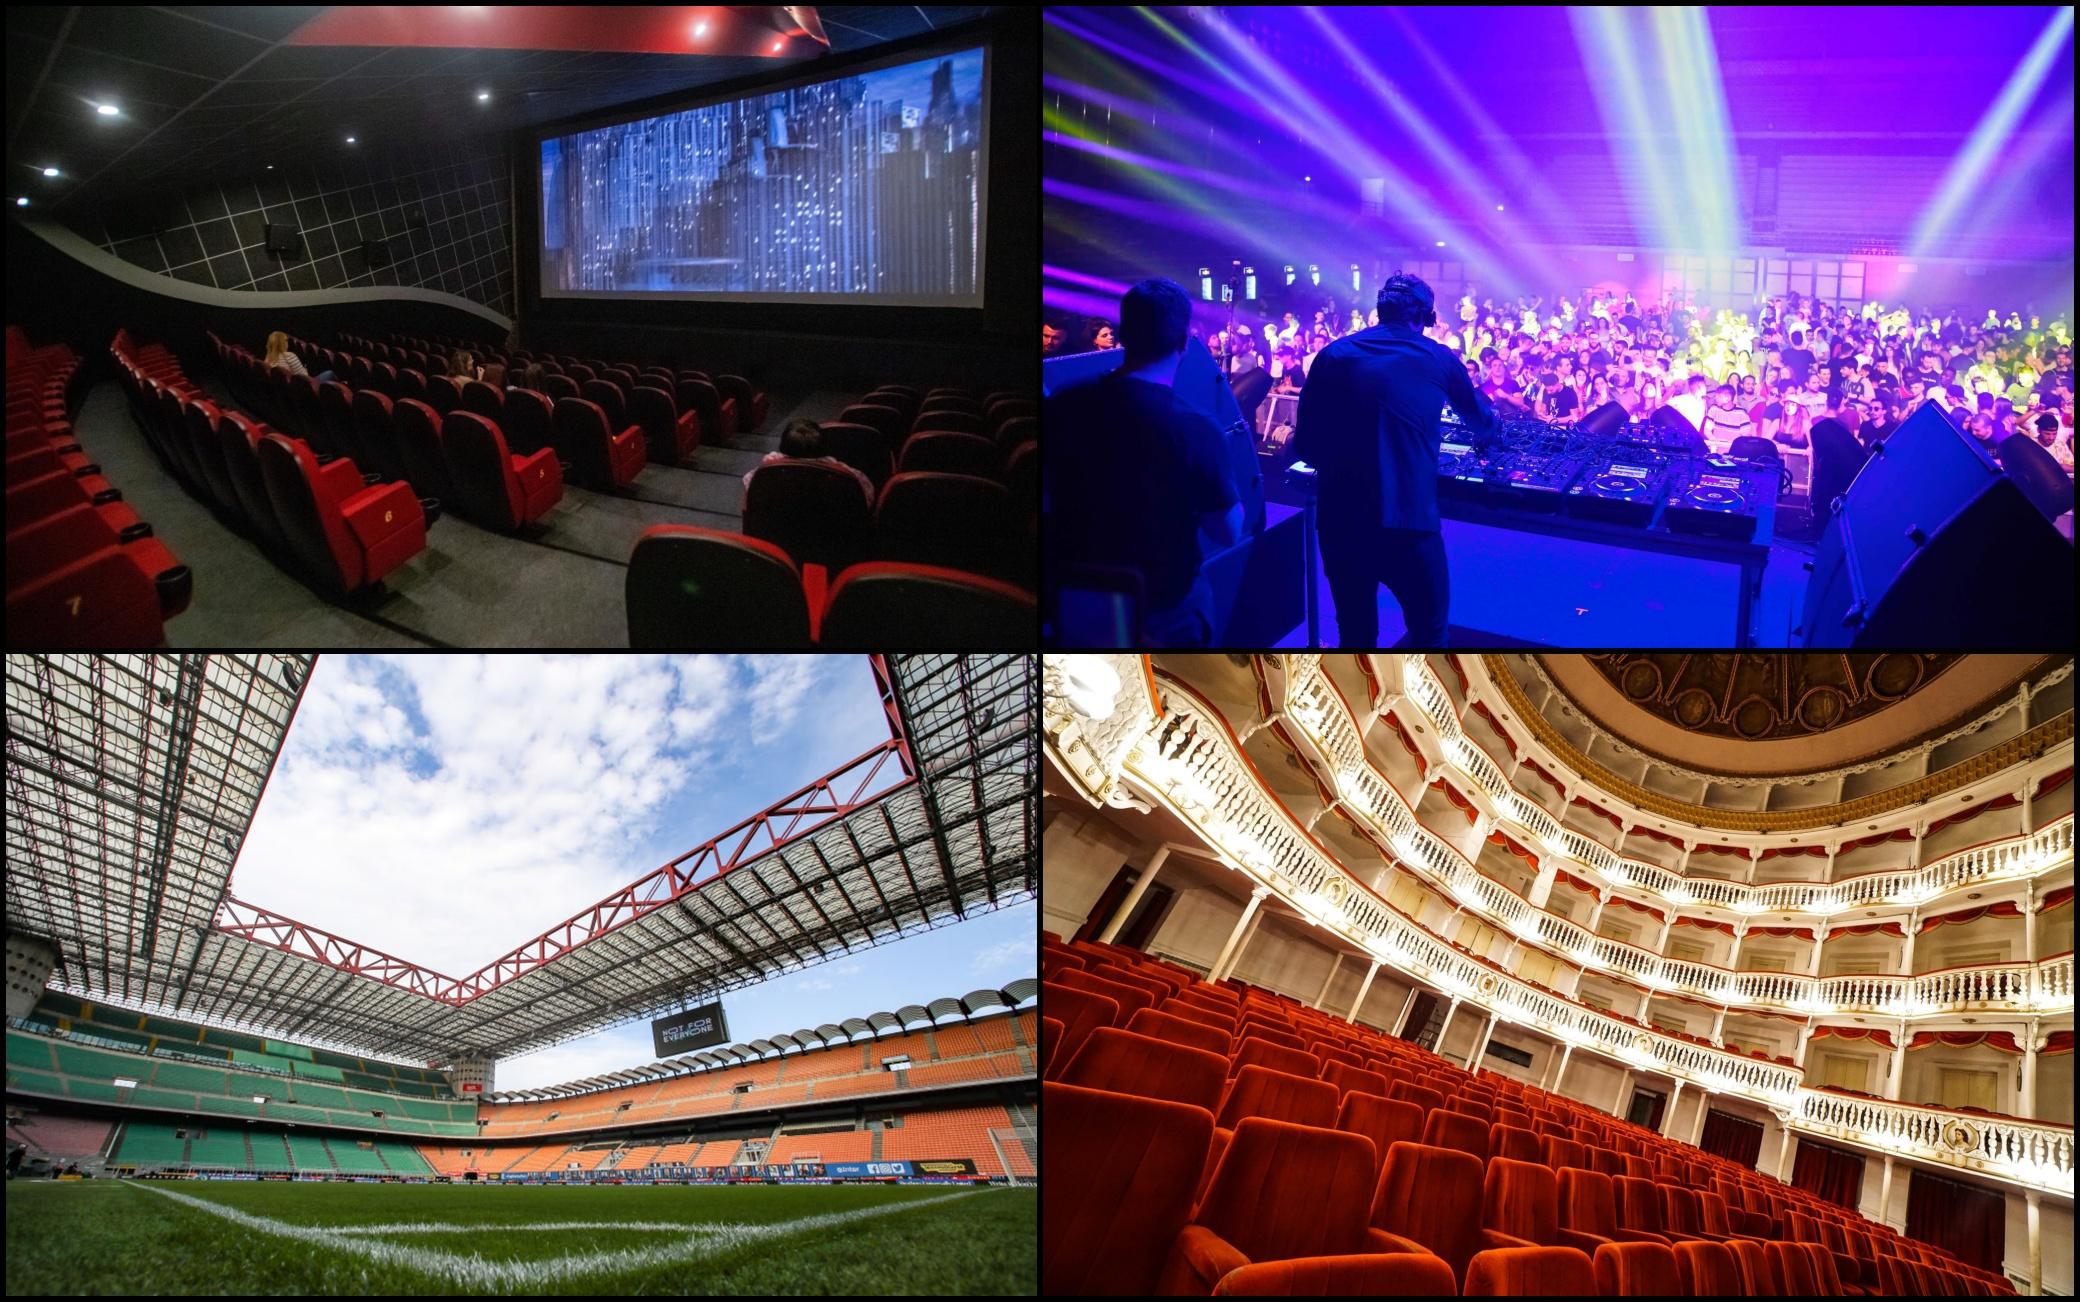 Teatri, concerti, discoteche: ecco le regole per la riapertura. Il provvedimento pubblicato sulla Gazzetta Ufficiale: entra in vigore lunedì 11 ottobre. Green pass sempre obbligatorio